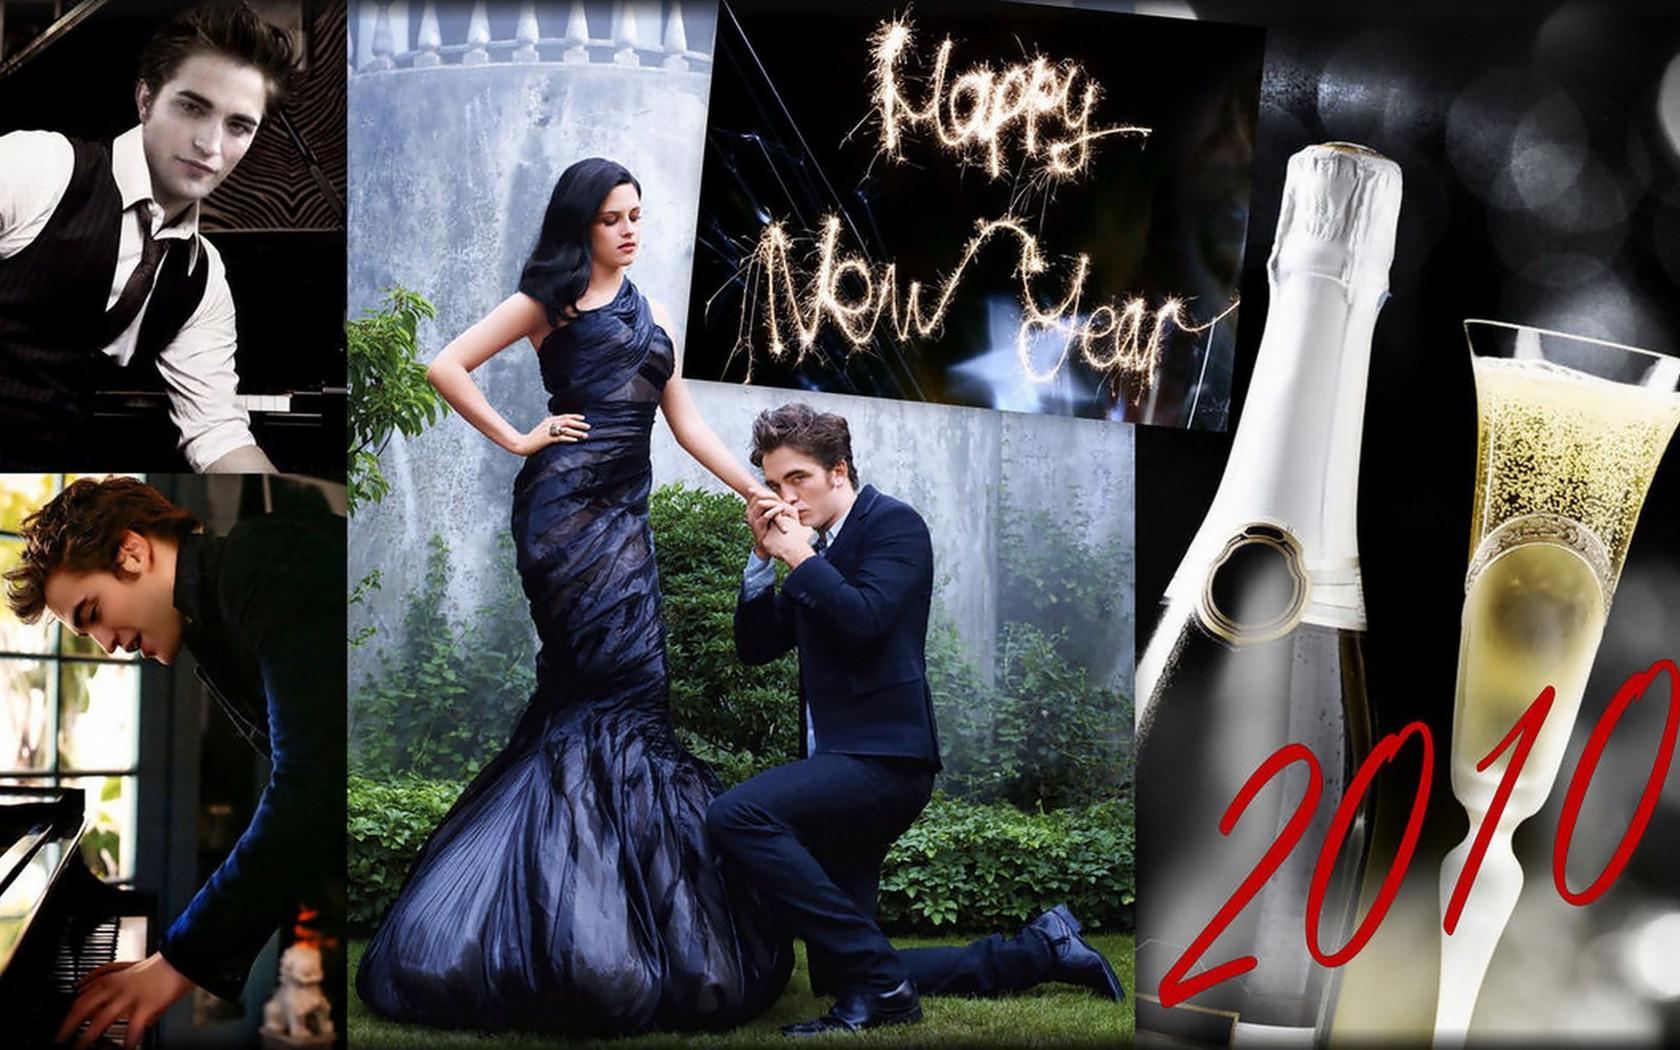 **HAPPY NEW 년 2010** Rob & Kristen